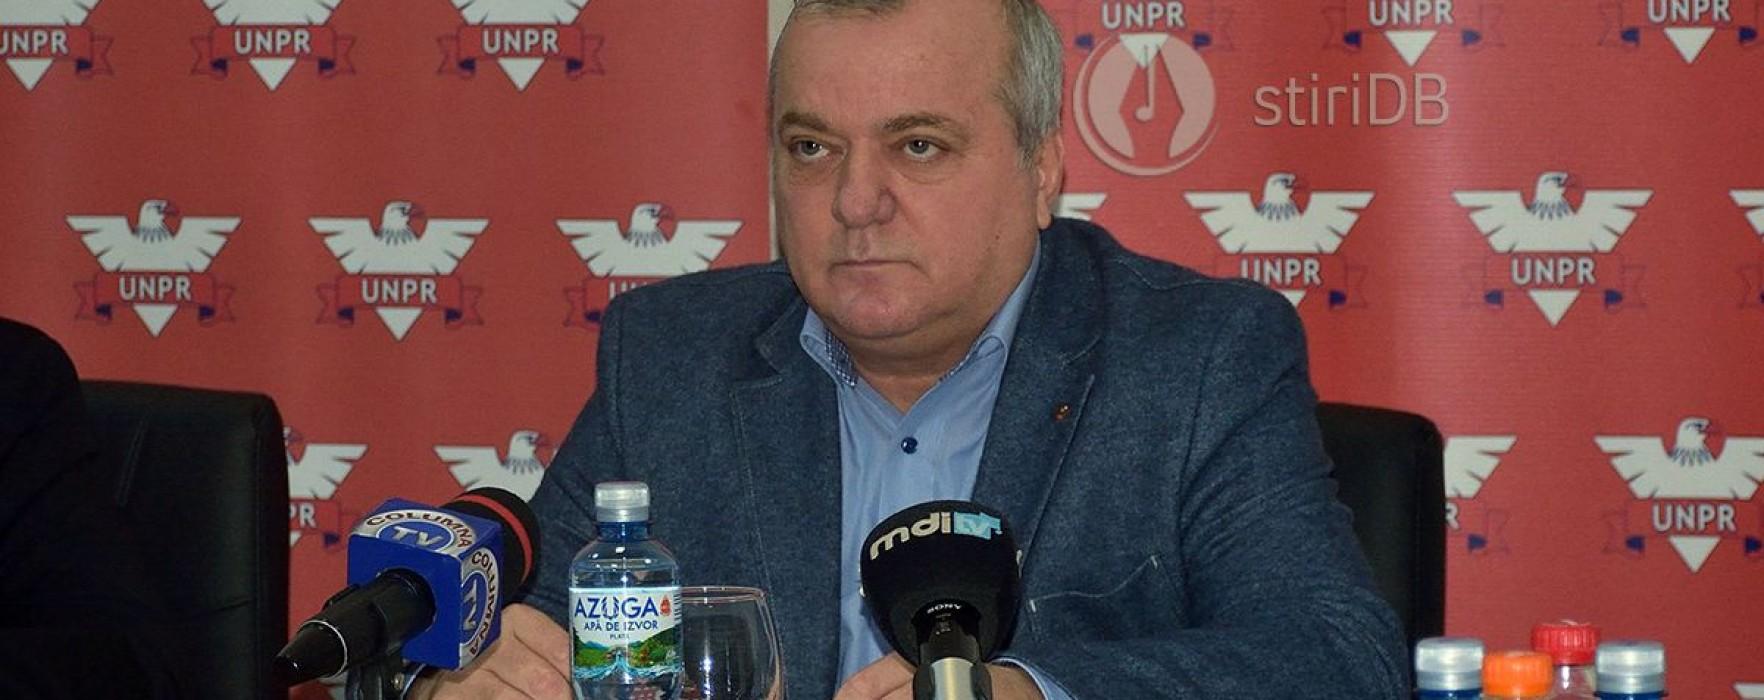 Dumitru Miculescu (UNPR Dâmboviţa): Depun plângere penală, după afirmaţiile făcute de Adrian Ţuţuianu privind mita